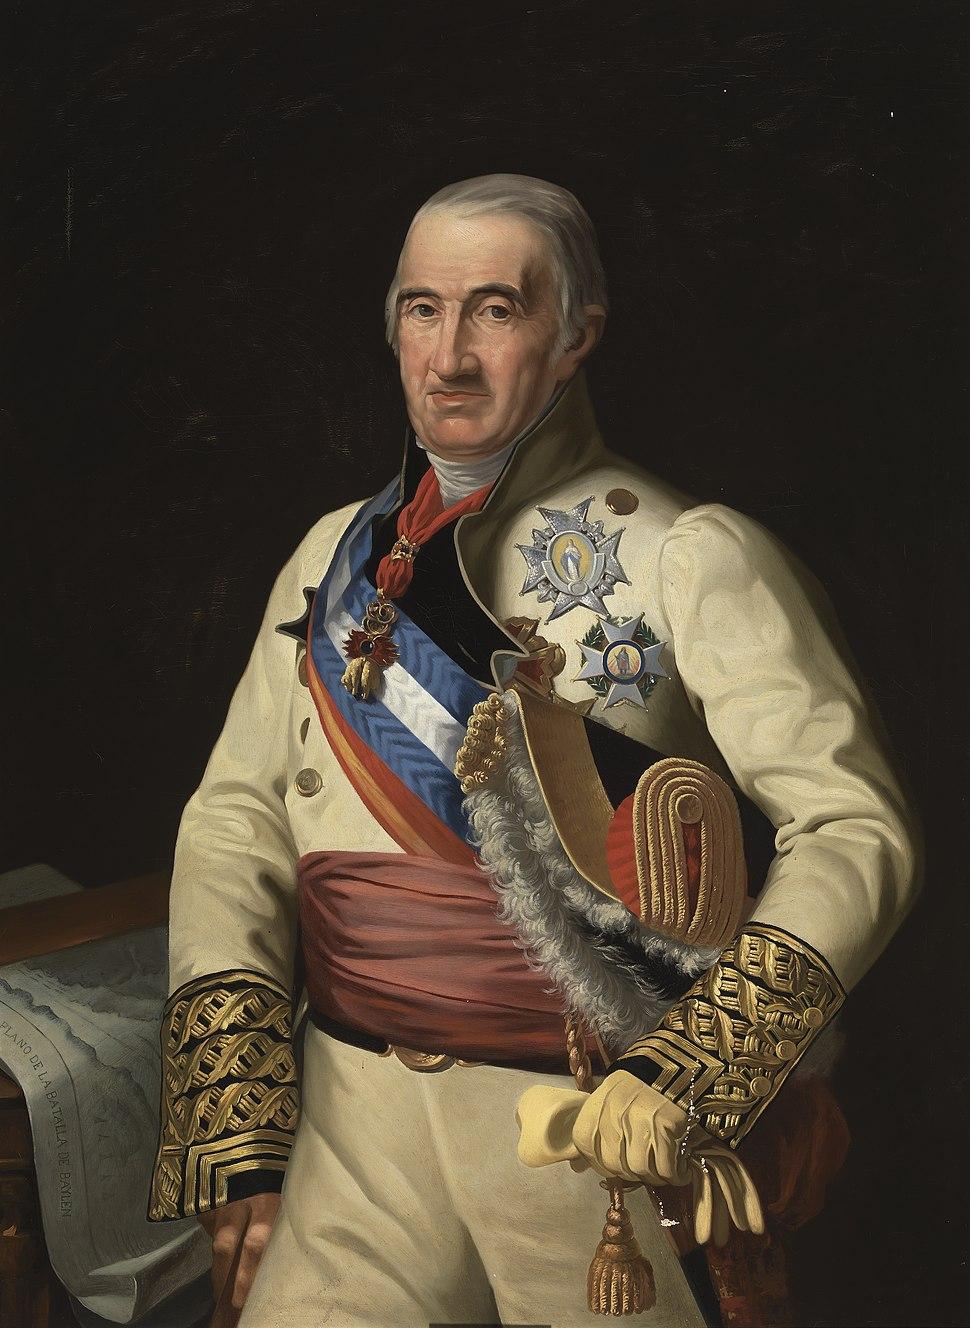 General Francisco Javier Castaños (Museo del Prado)